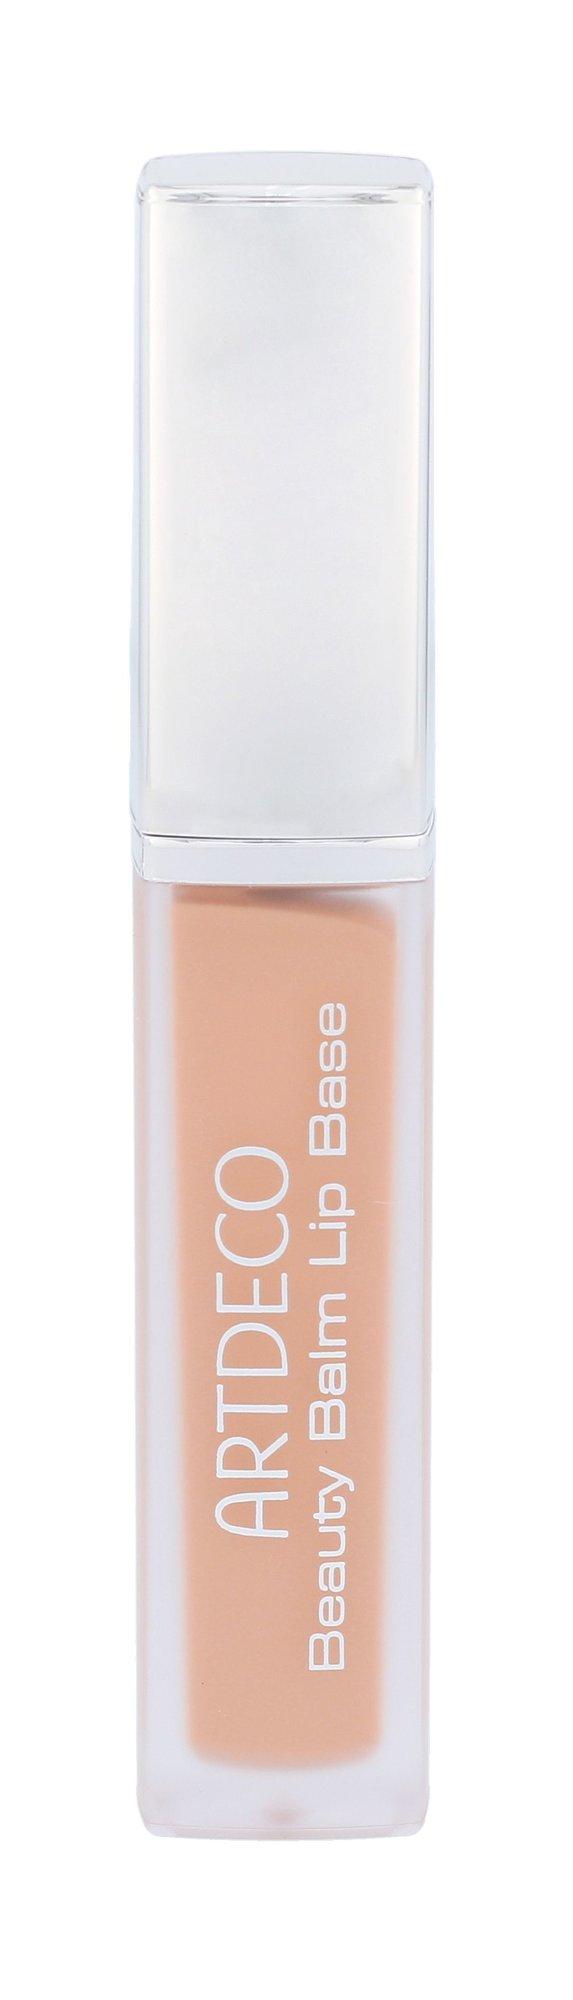 Artdeco Beauty Balm Lip Base Cosmetic 6ml